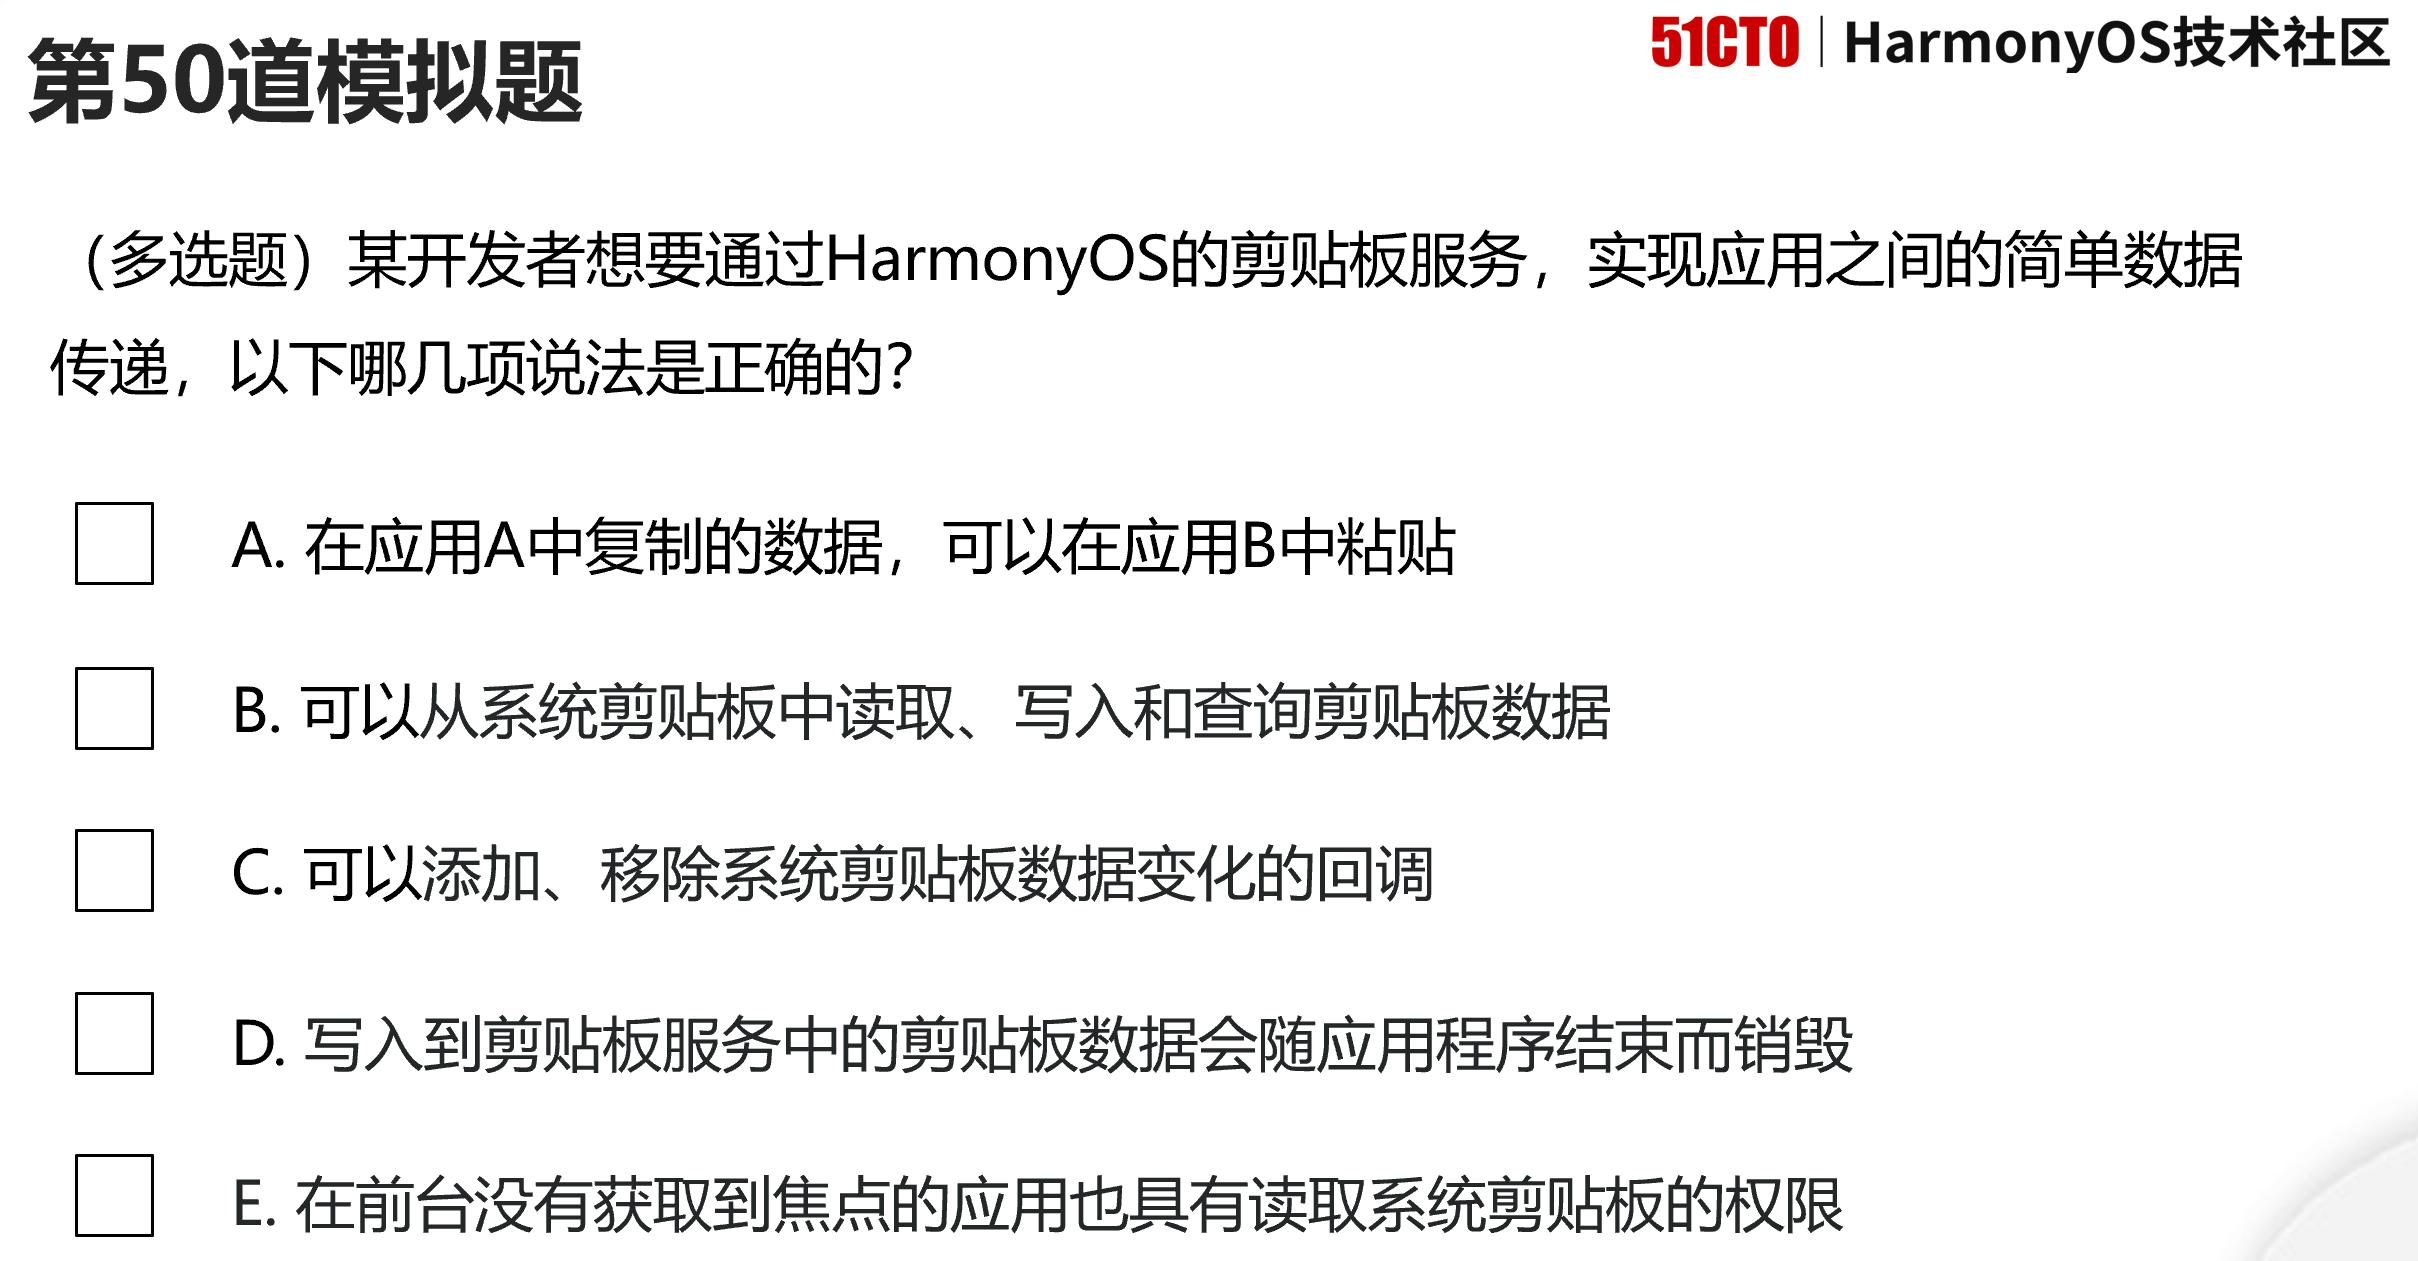 【鸿蒙应用开发】【HCIA认证】模拟题每日1练(第50题)-鸿蒙HarmonyOS技术社区